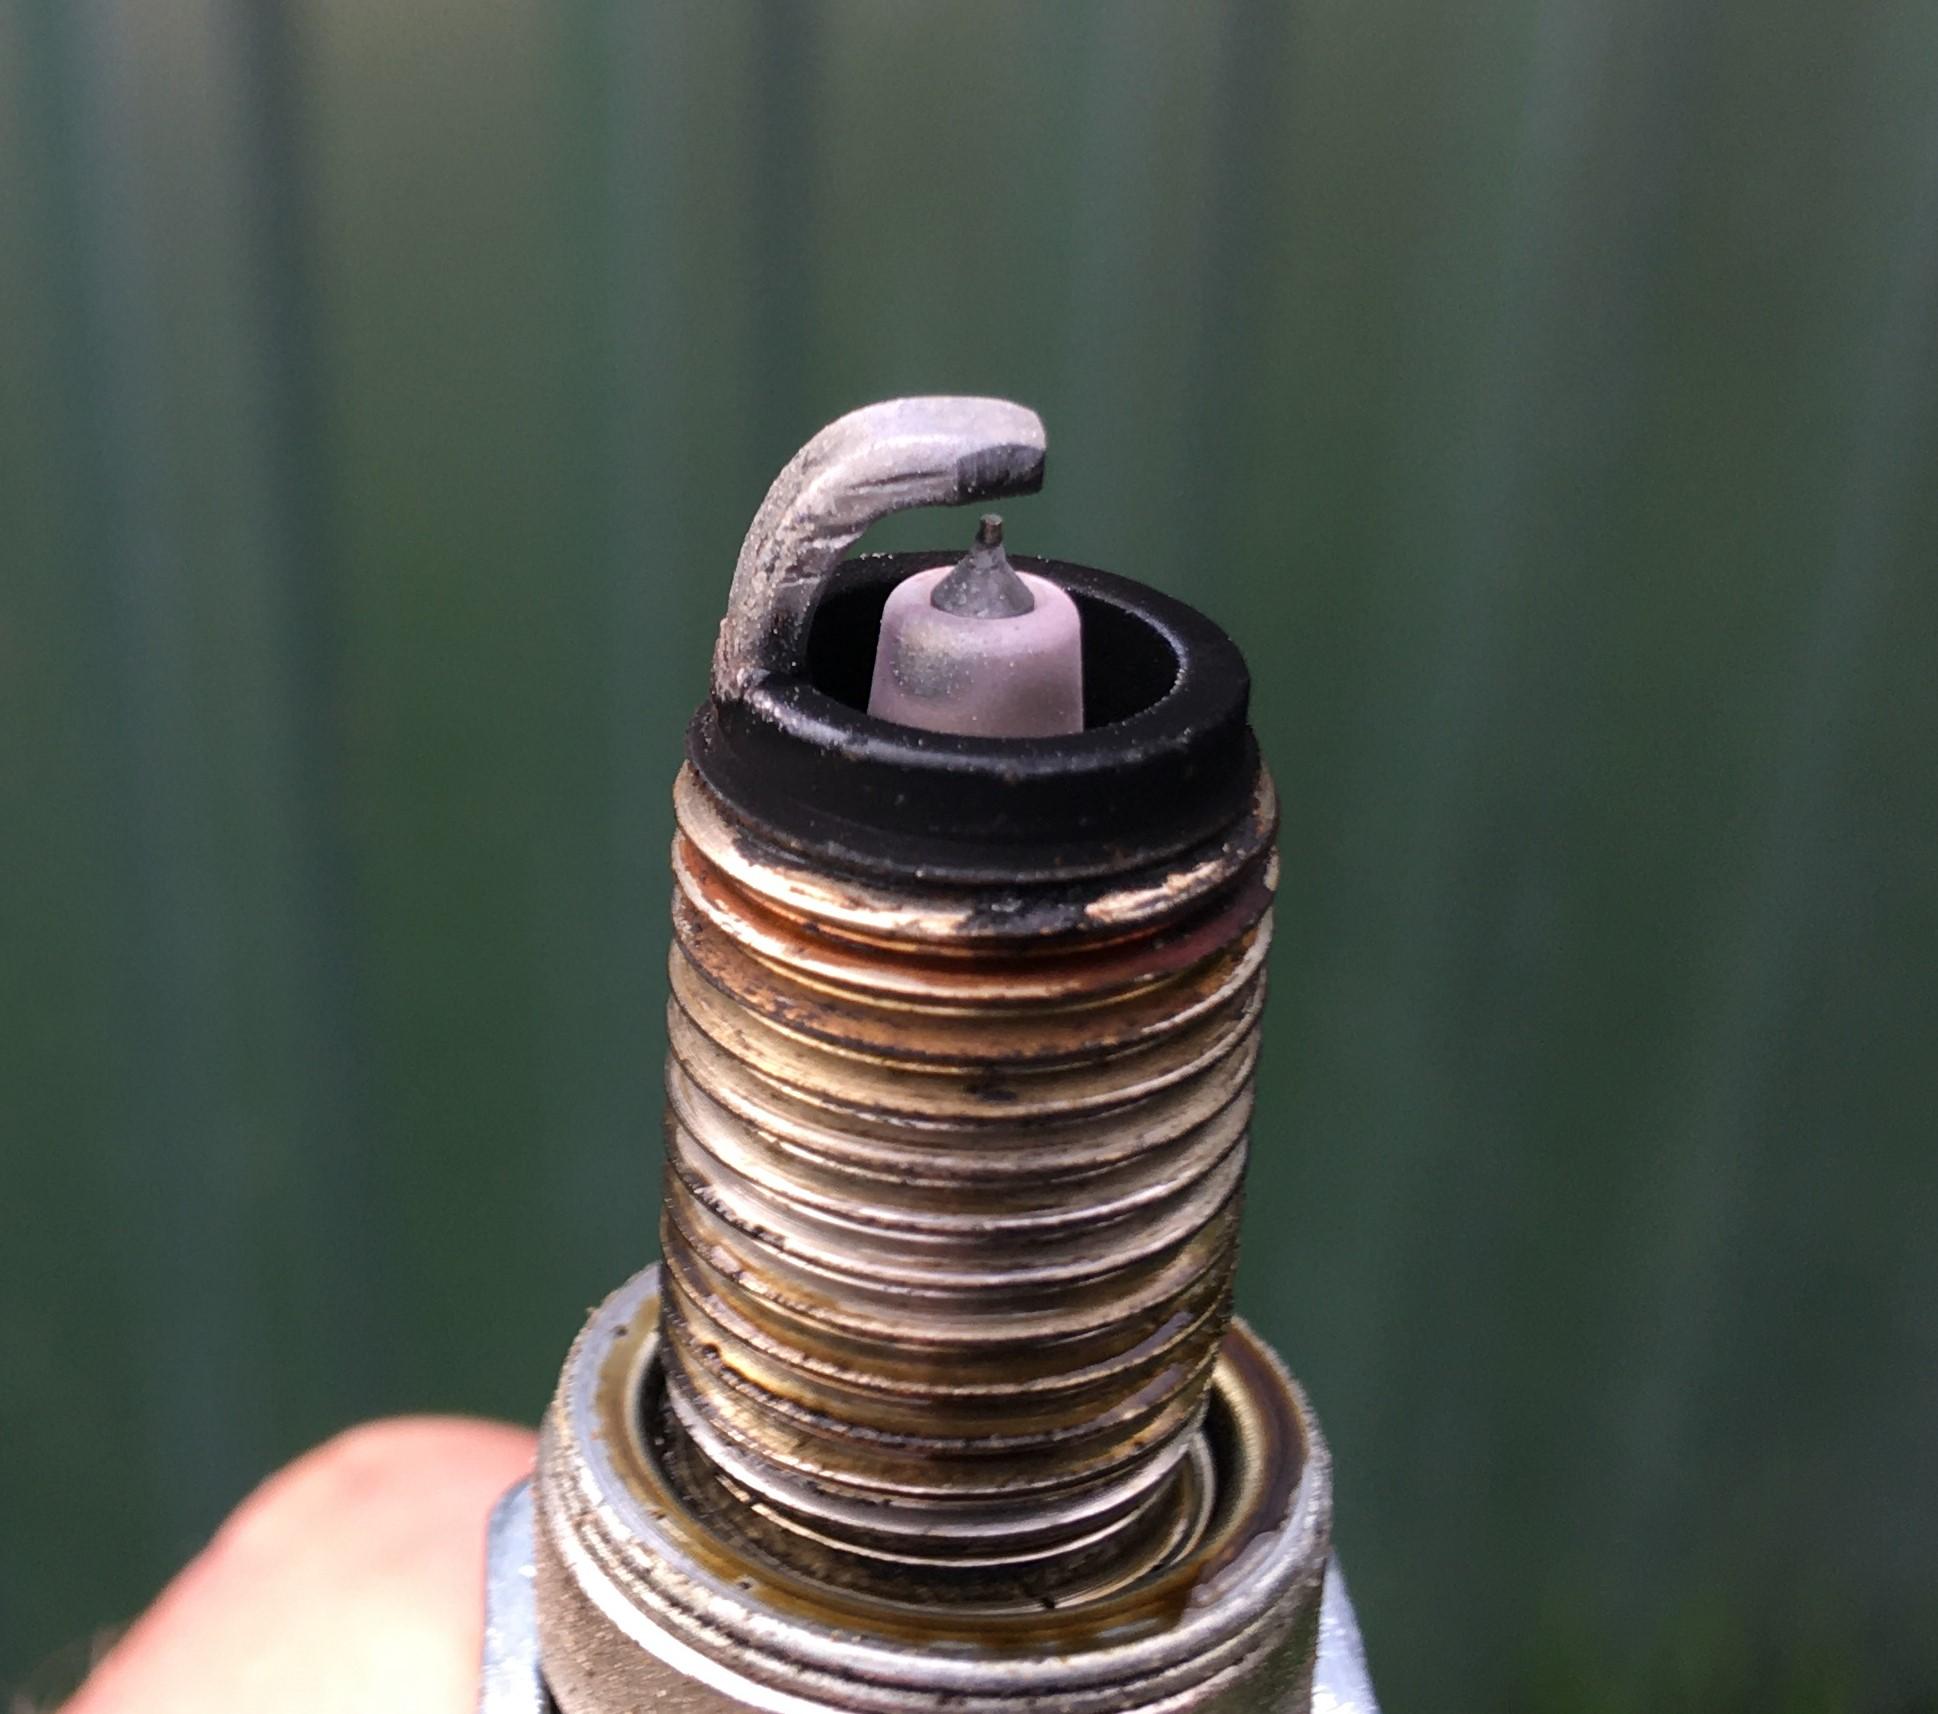 Как вывернуть свечку со срезанными гранями